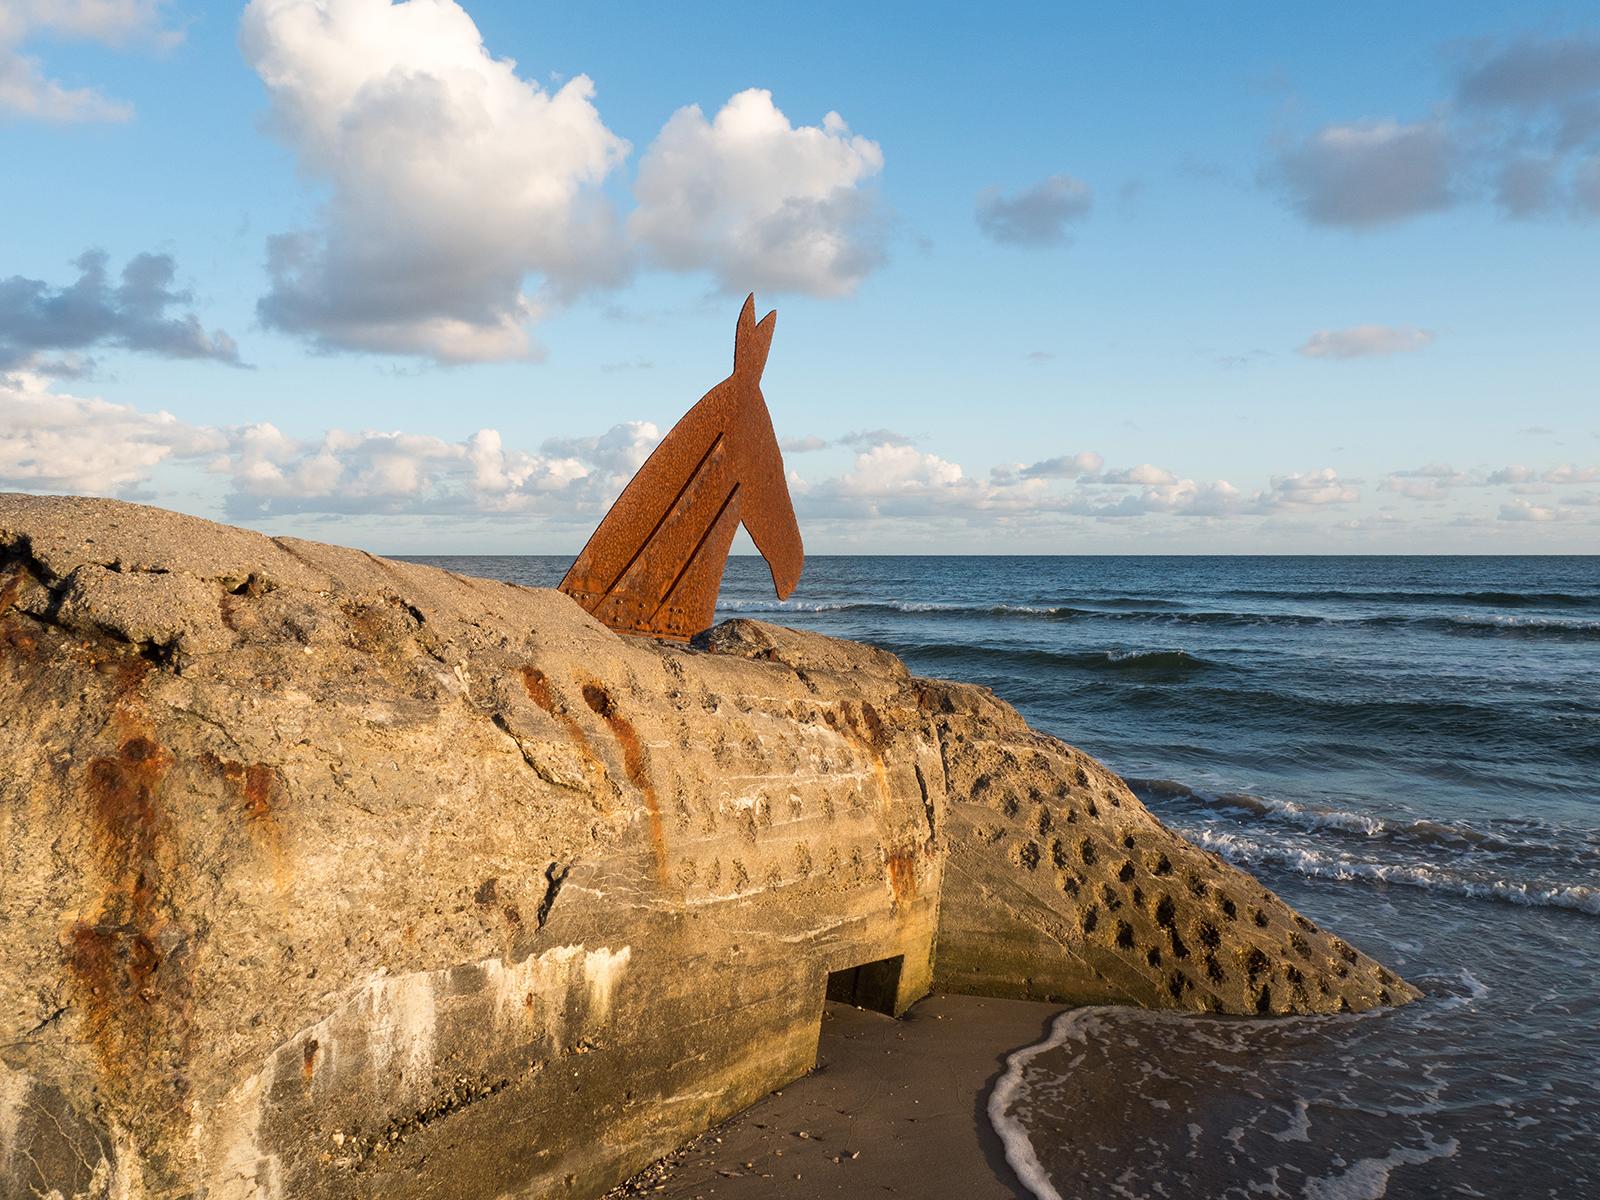 Ehemaliger Westwall-Bunket am Strand von Blavand